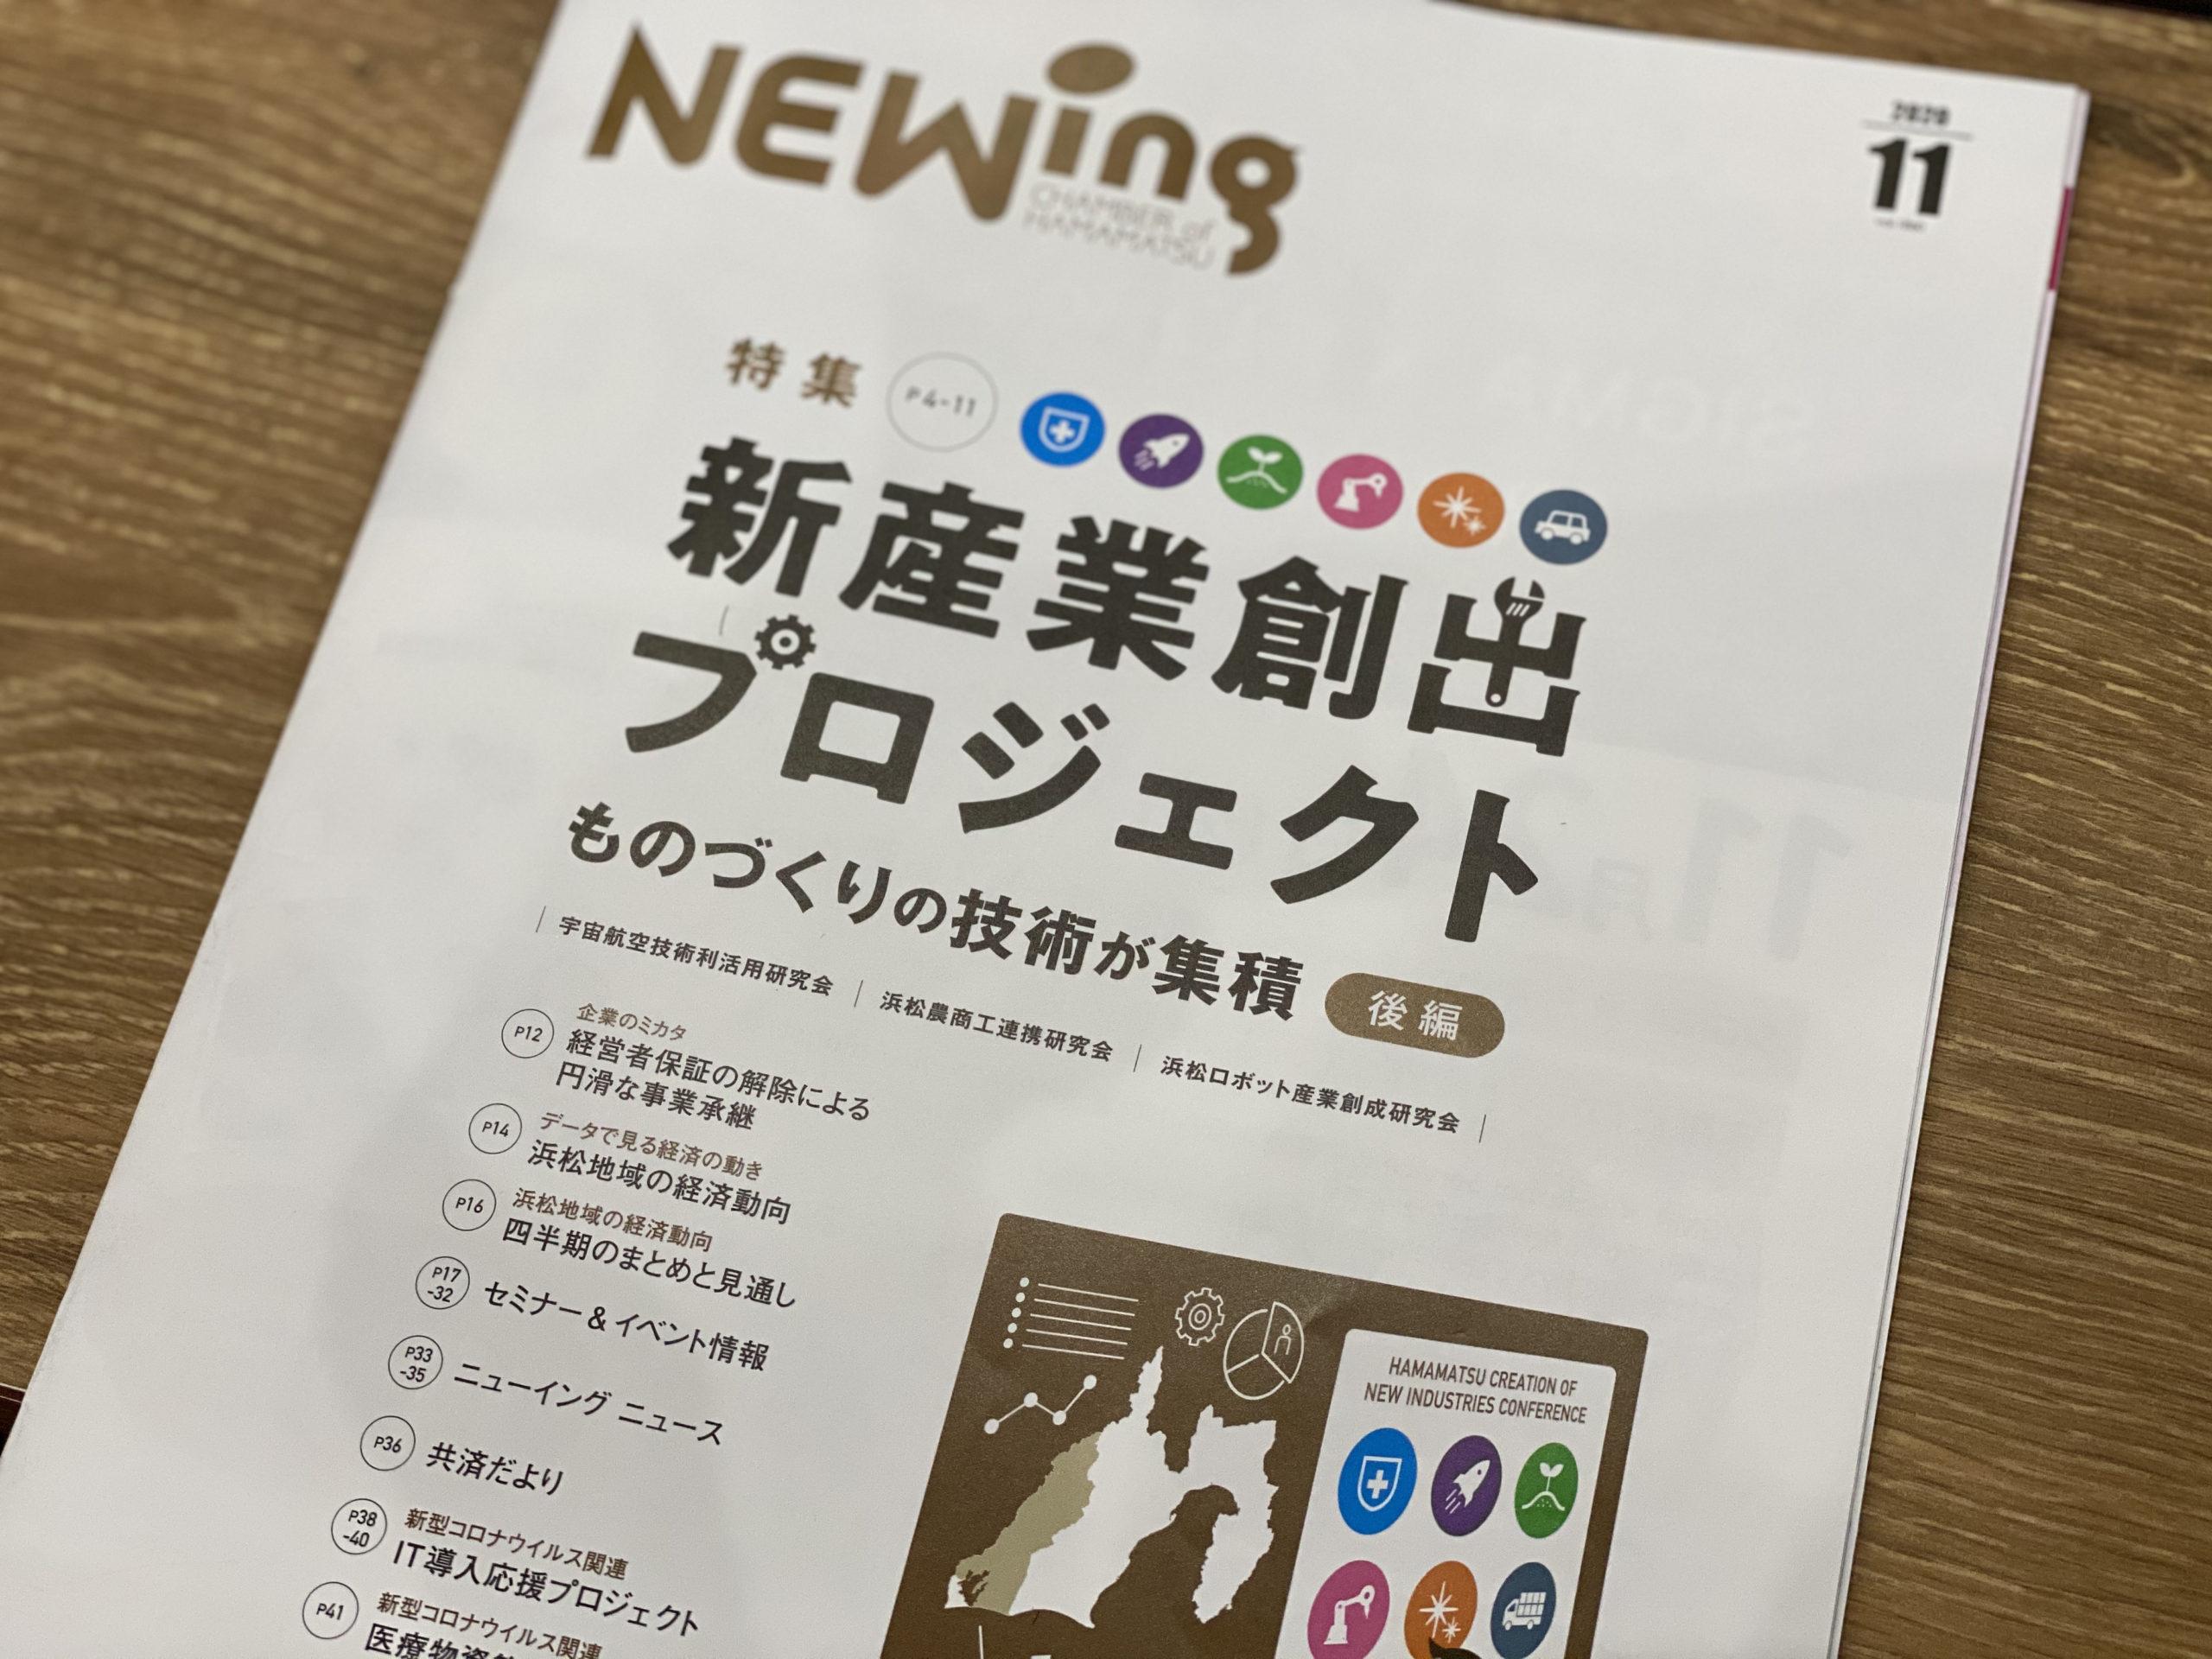 浜松商工会議所情報誌 Newing IT導入応援プロジェクトで株式会社アリーがご紹介いただきました